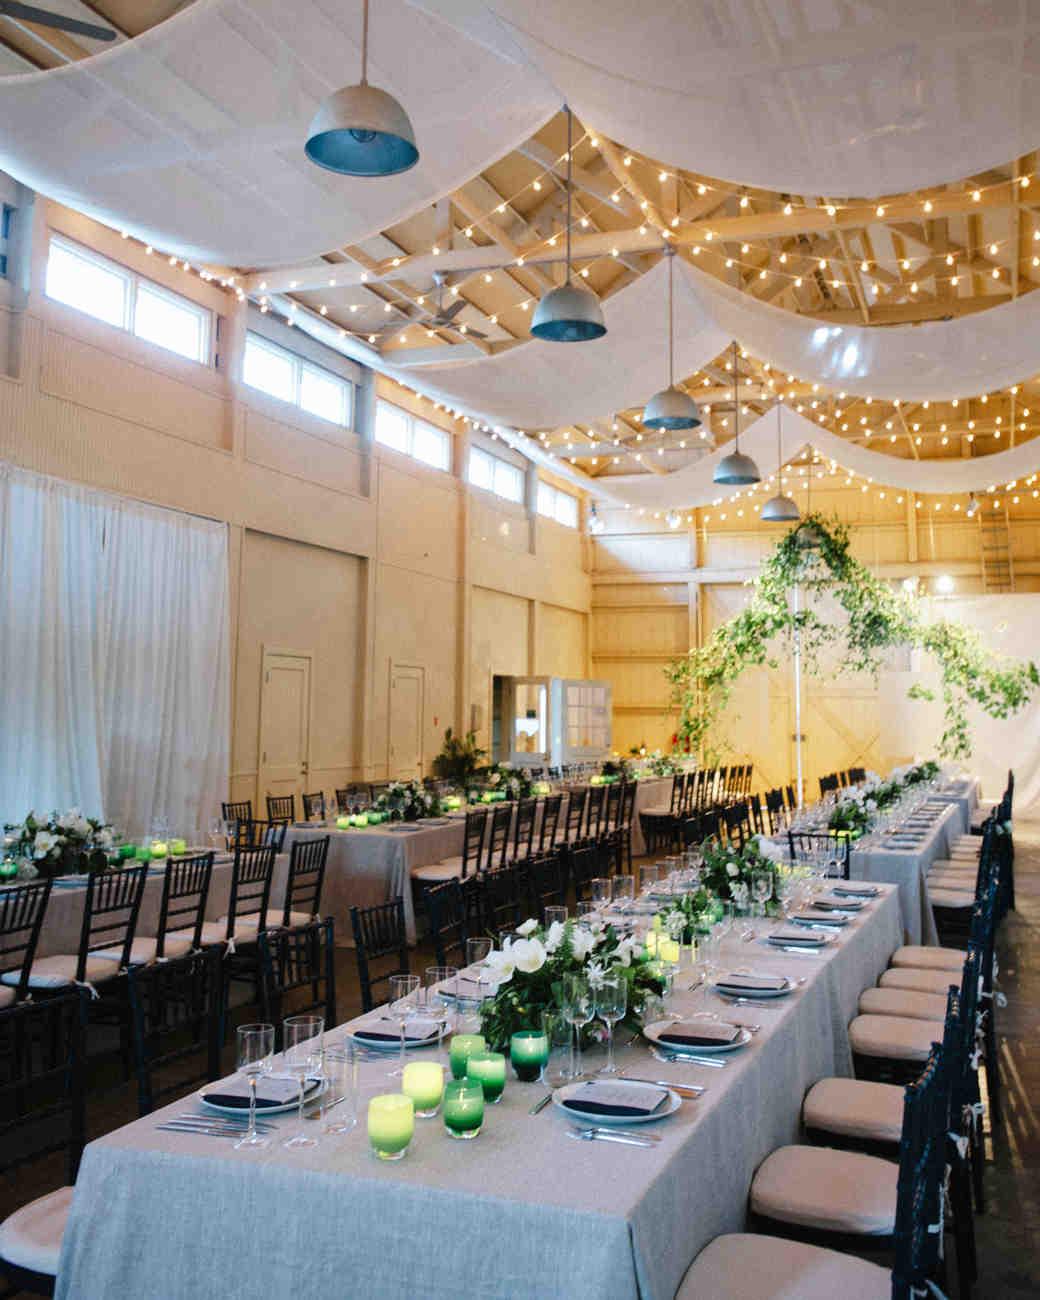 kristina-barrett-wedding-martha-farm-6470-cjl-d112491.jpg